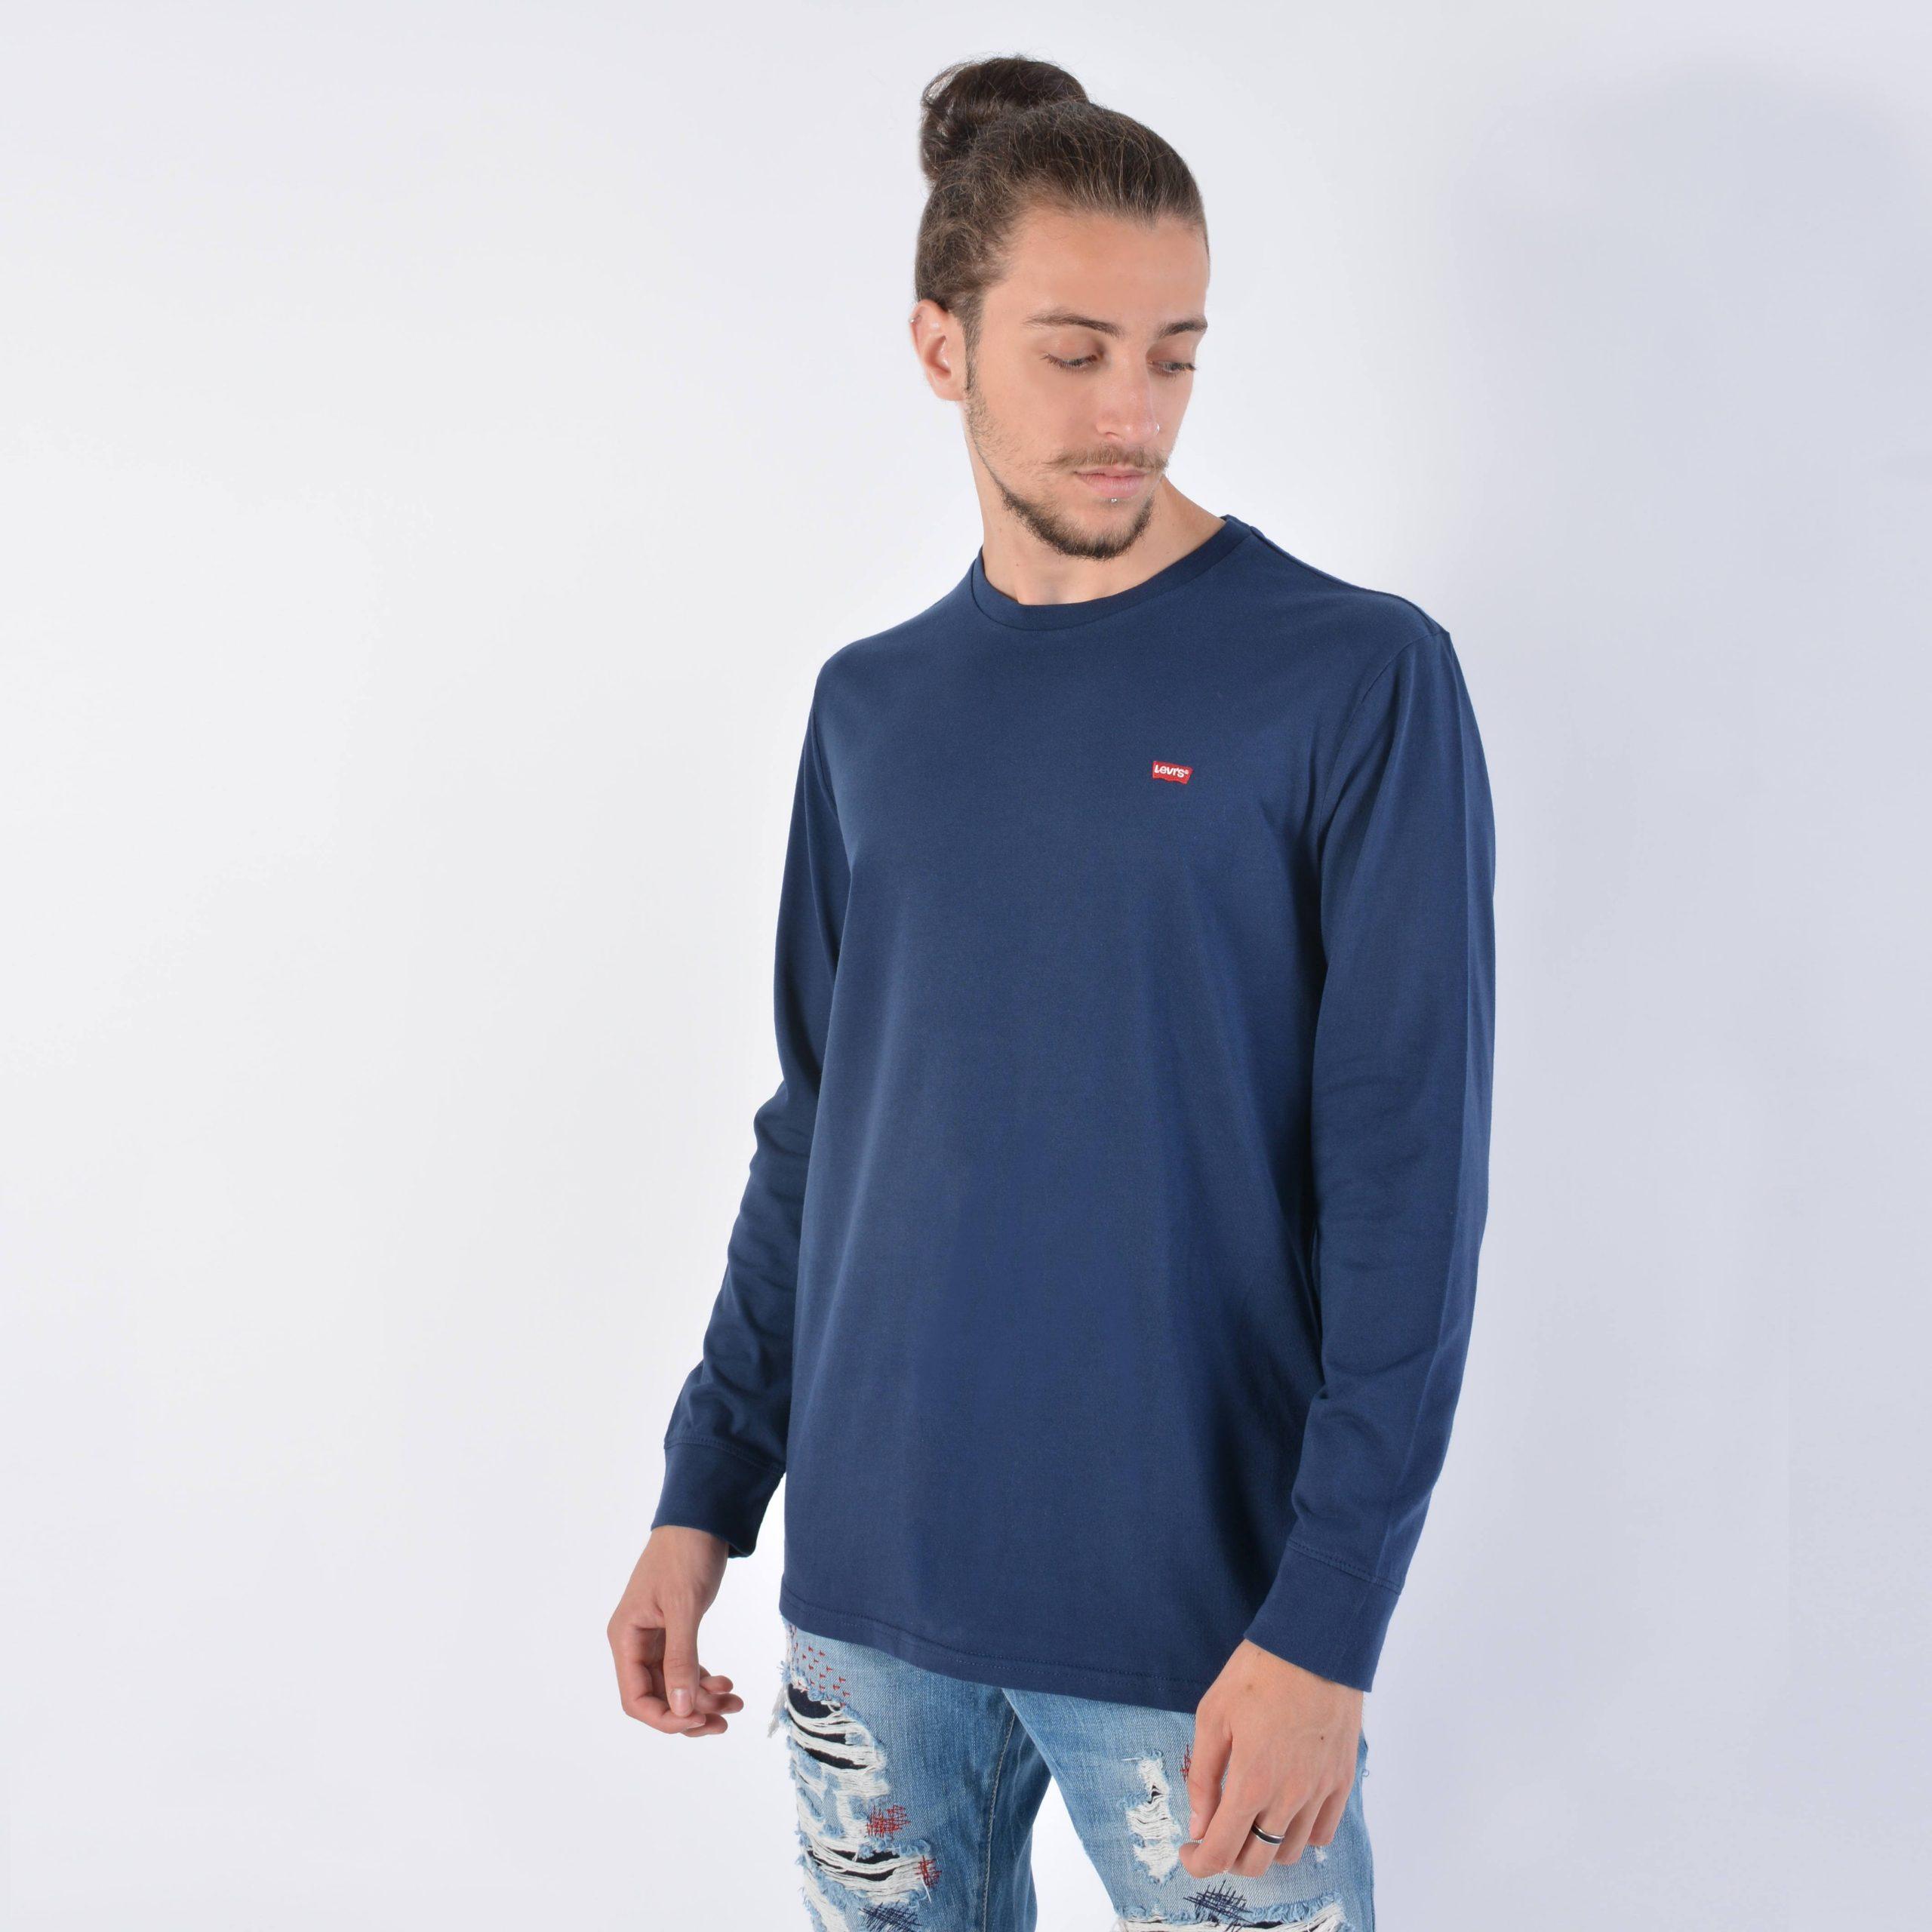 Levis Original Housemark Ανδρική Μπλούζα με Μακρύ Μανίκι (9000038266_26098)